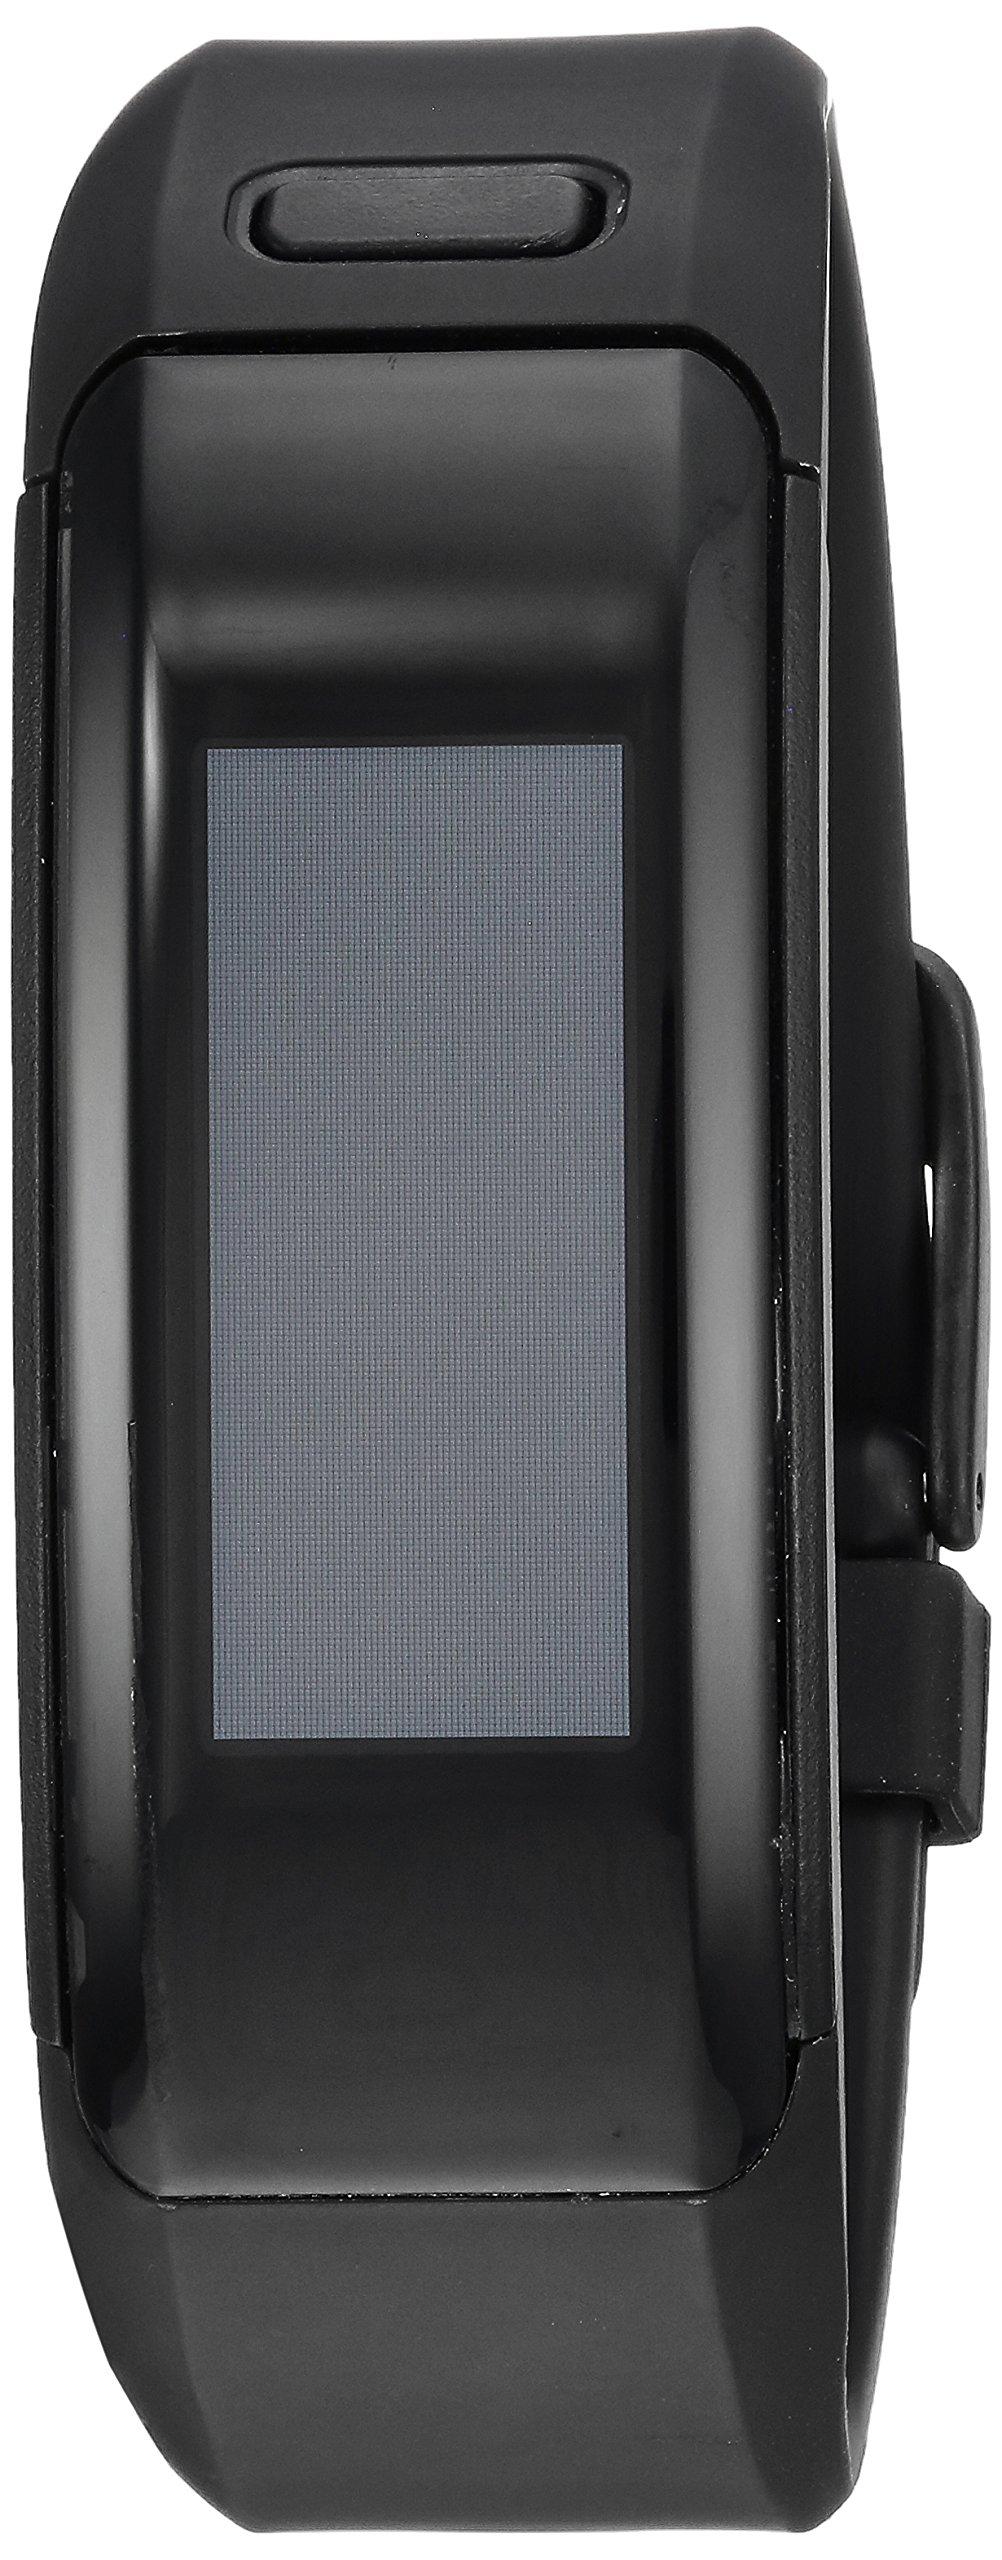 Garmin vívosmart HR Activity Tracker Regular Fit - Black (Certified Refurbished)